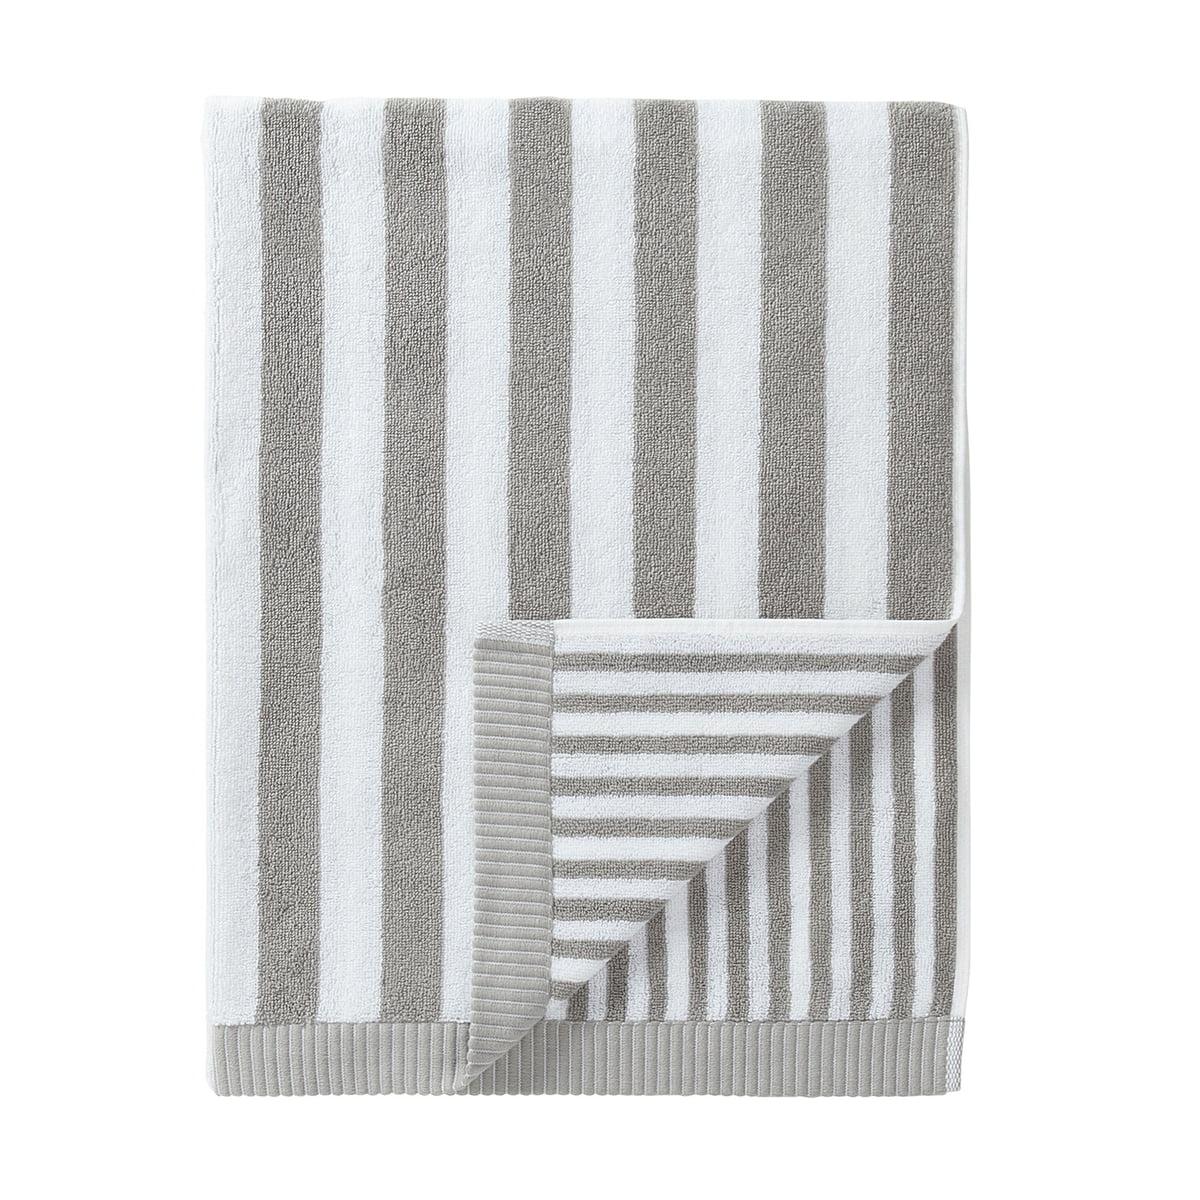 Marimekko - Kaksi Raitaa Badetuch 75 x 150 cm, grau / weiß   Bad > Handtücher   Grau - Weiß   Marimekko